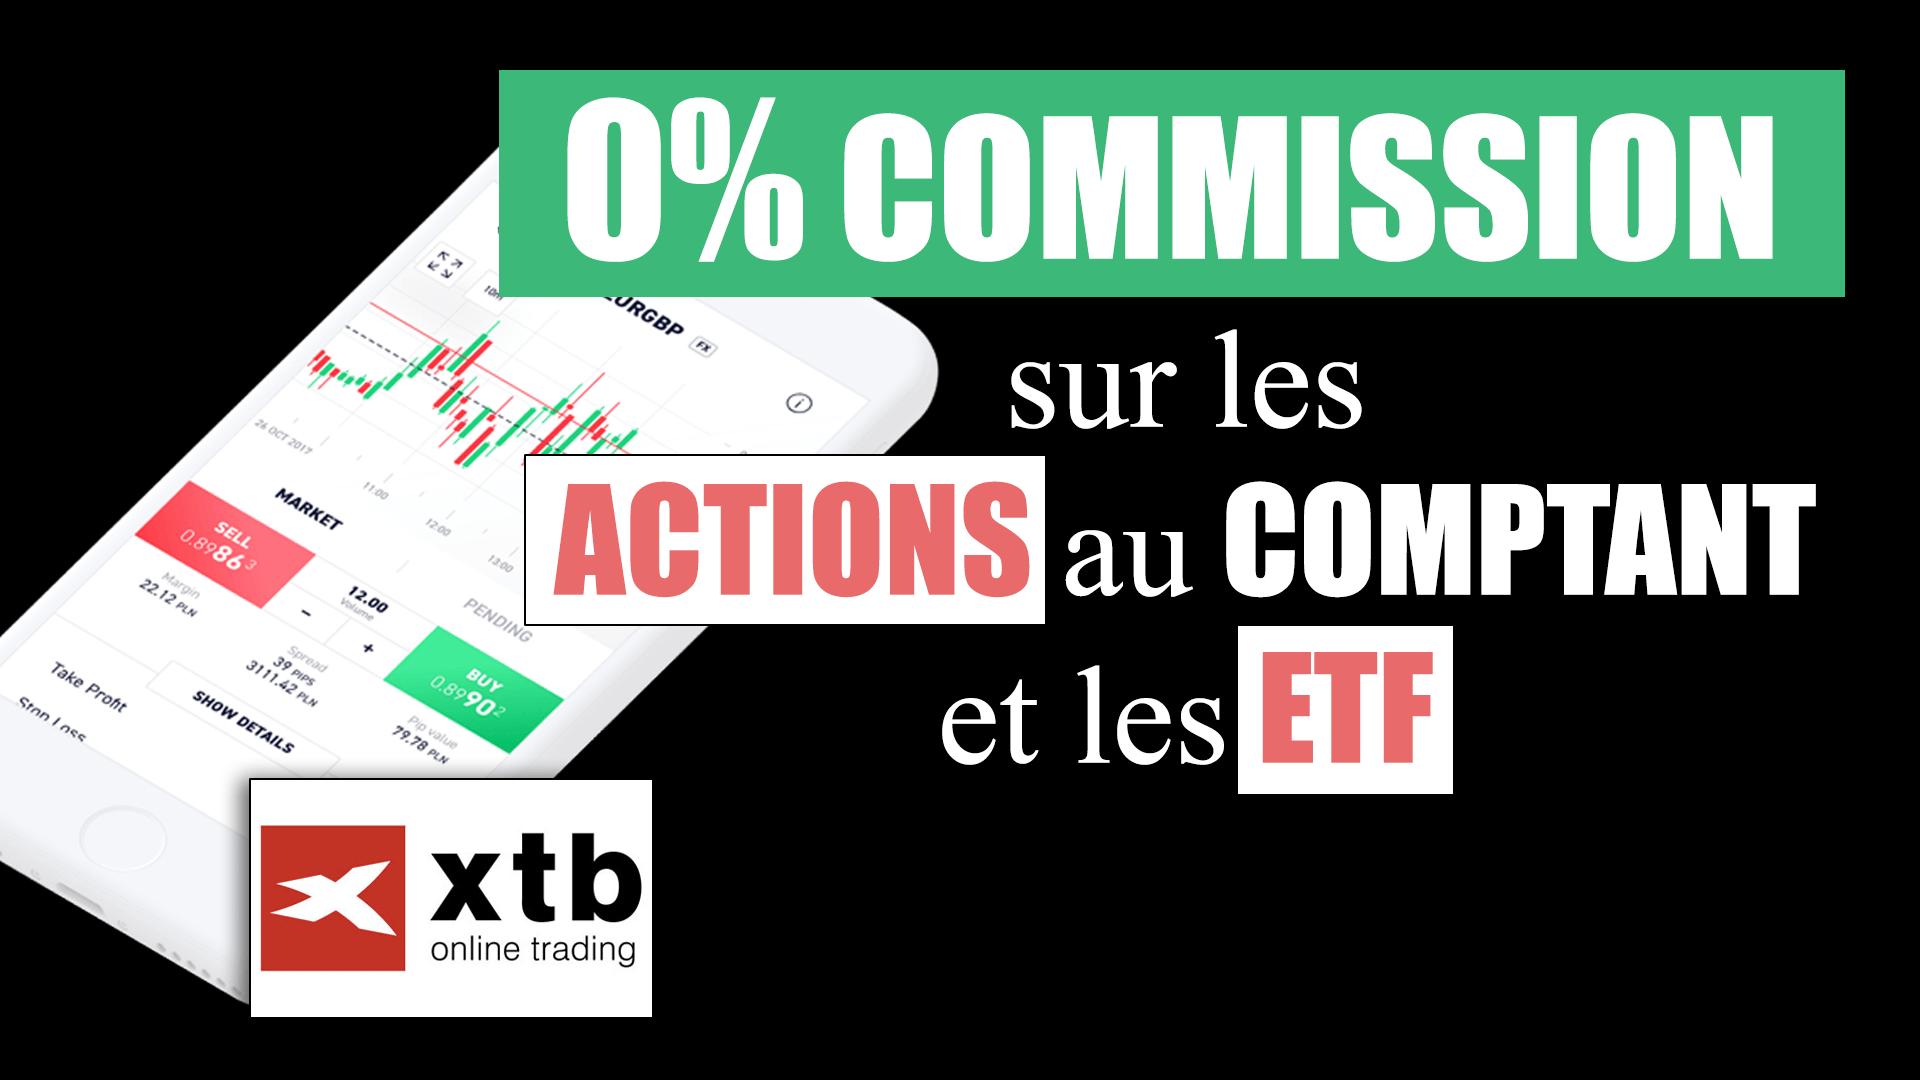 Le trading sans commission sur les actions et les ETF avec XTB